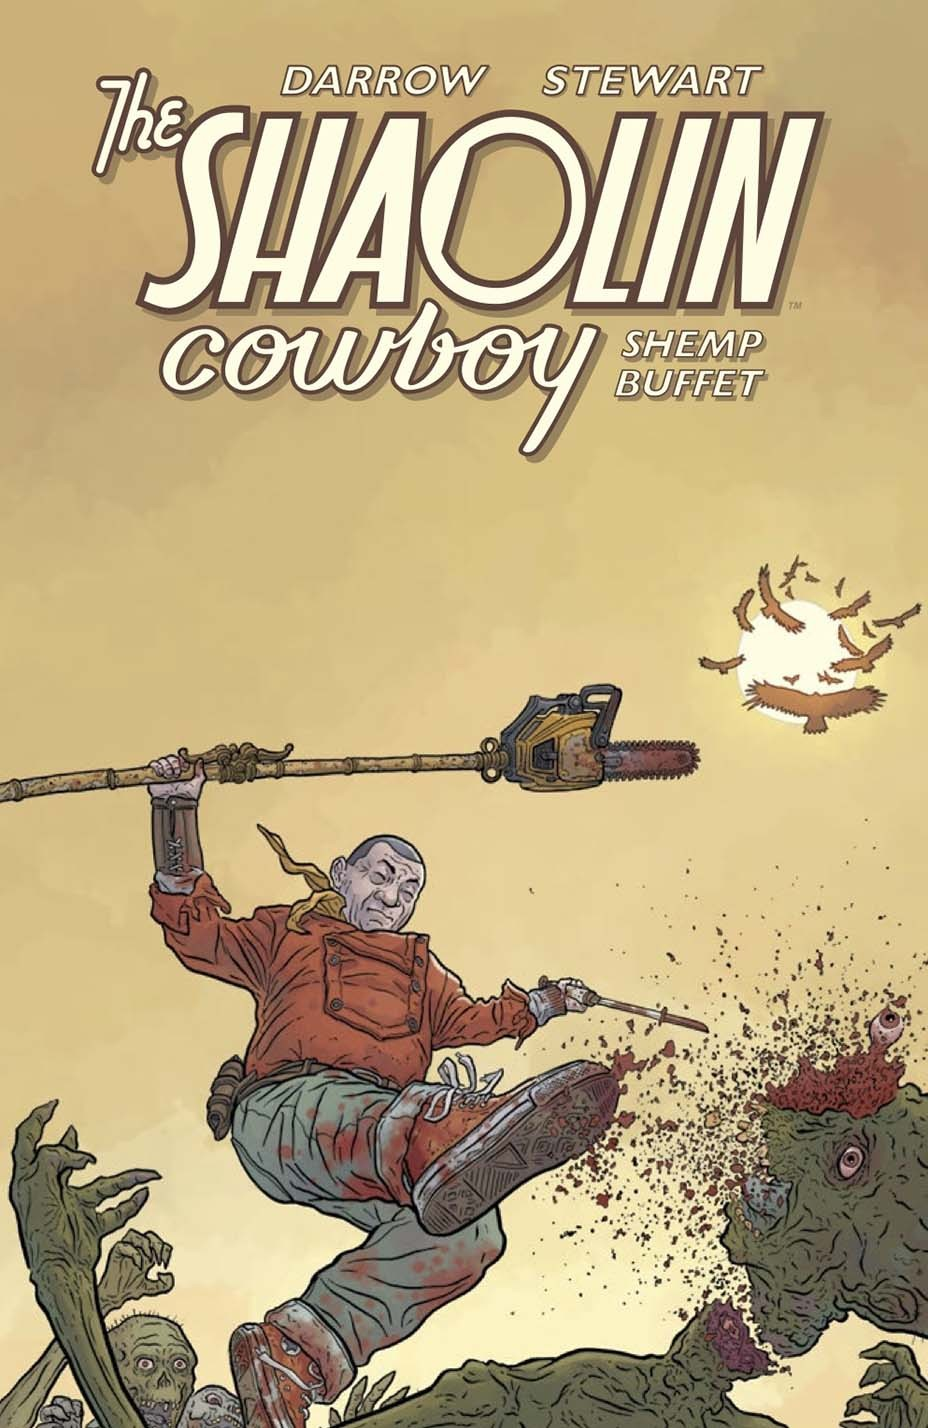 Shaolin Cowboy Taschenbuch - Werbung - EMBED 1 - 2020